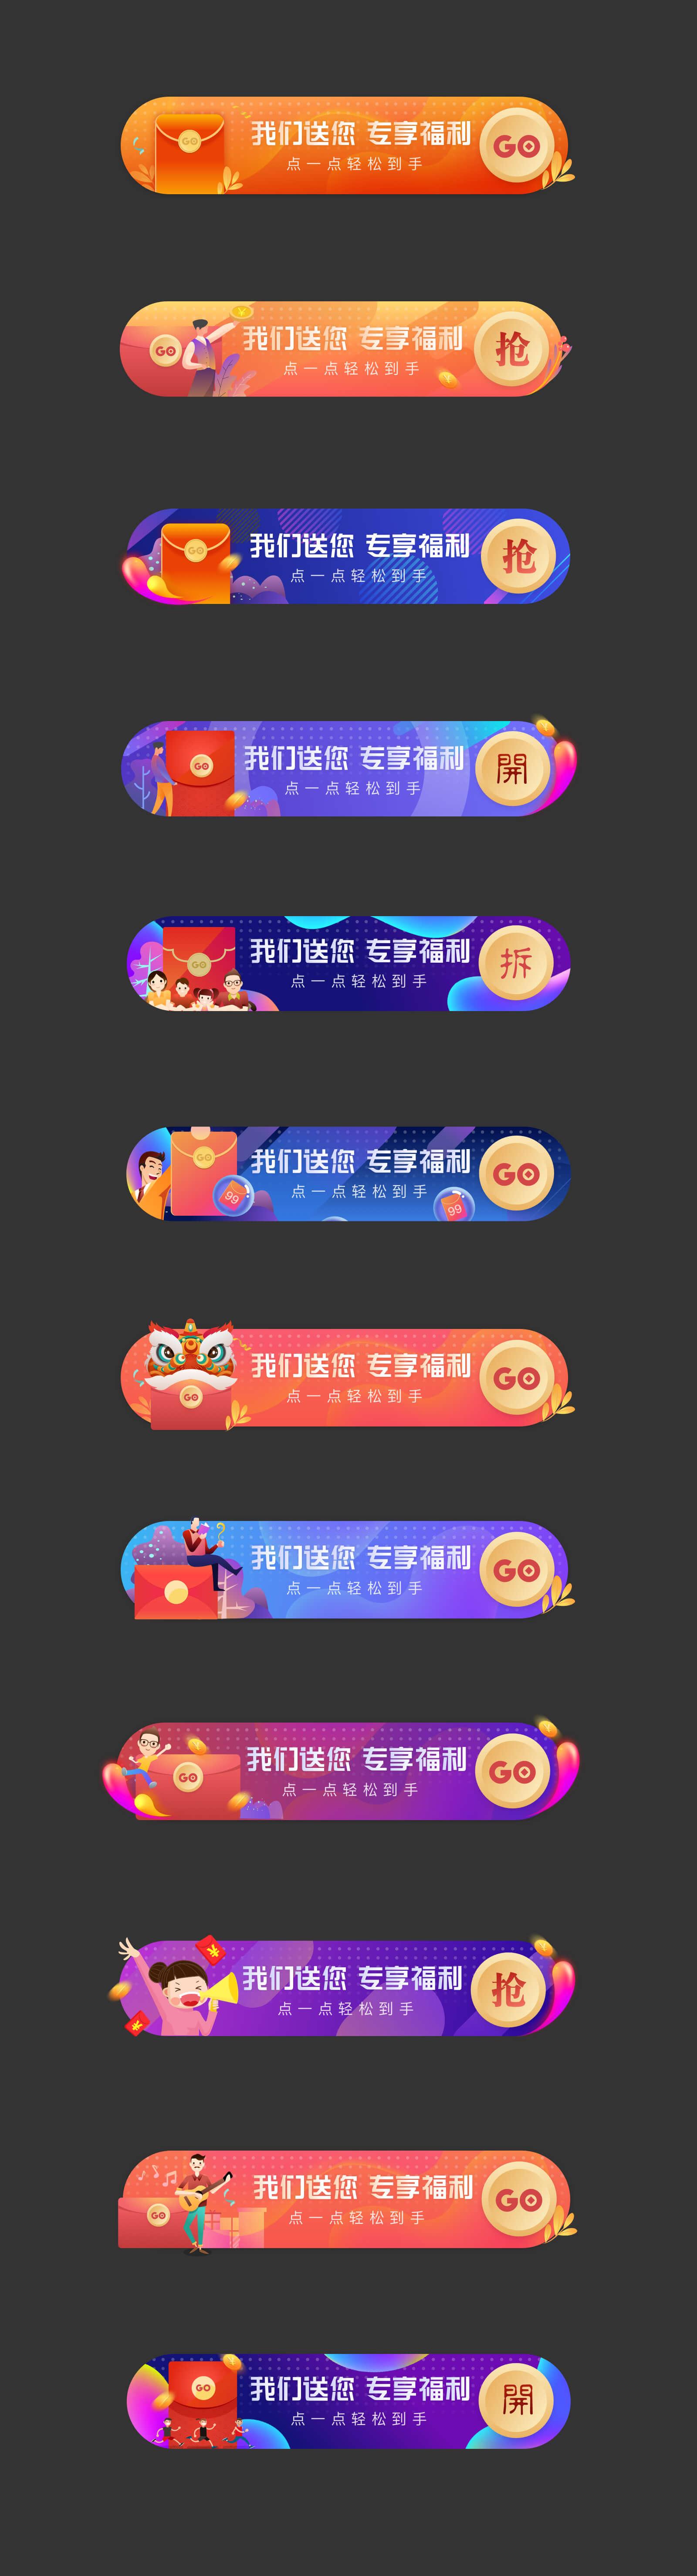 iPhone SE Copy 13